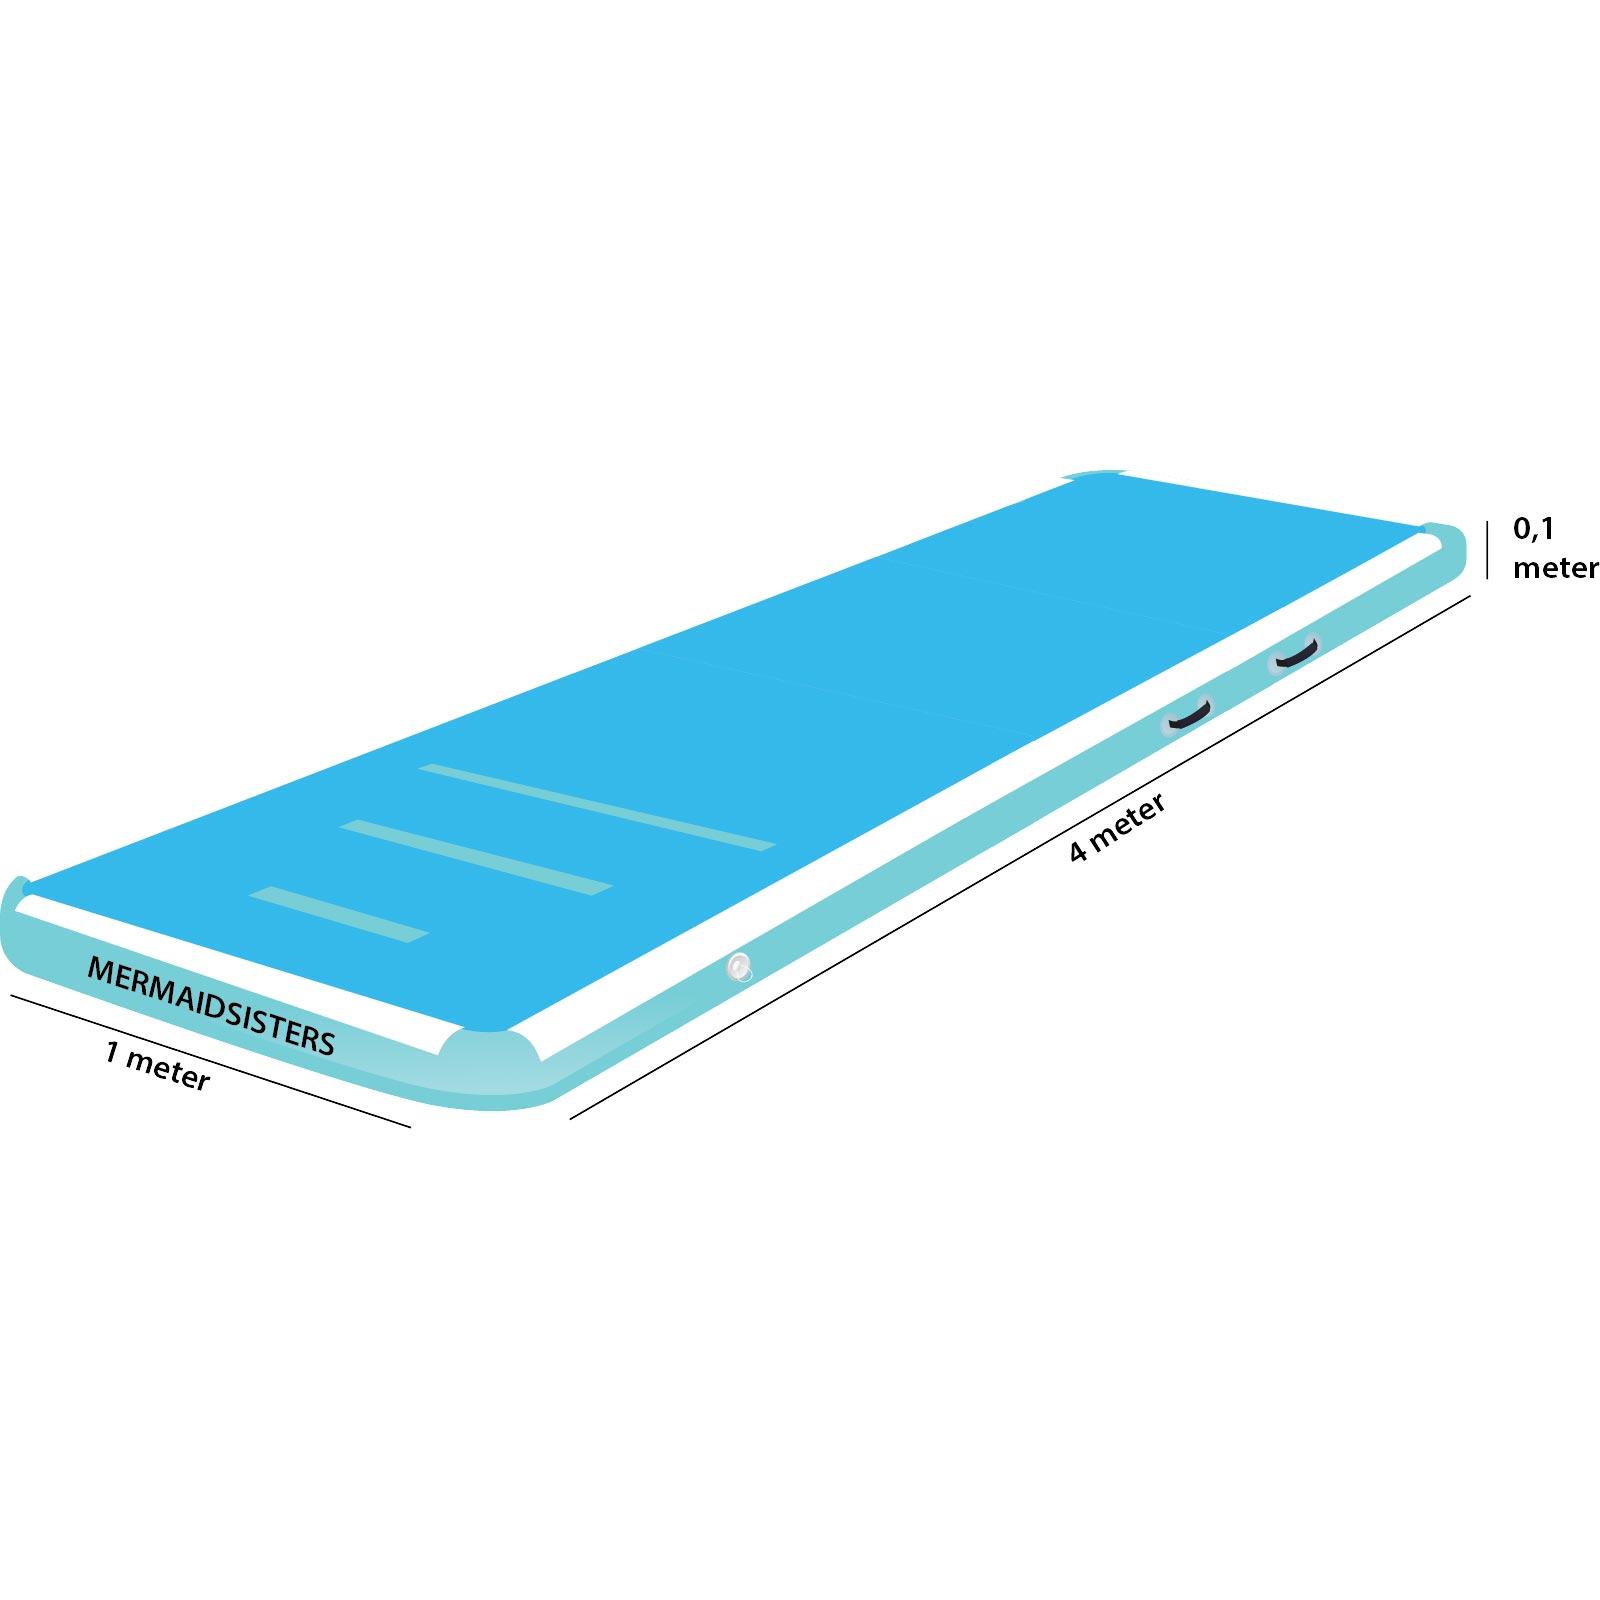 AirTrack 4 meter blauw 1 meter breed 10 cm hoog